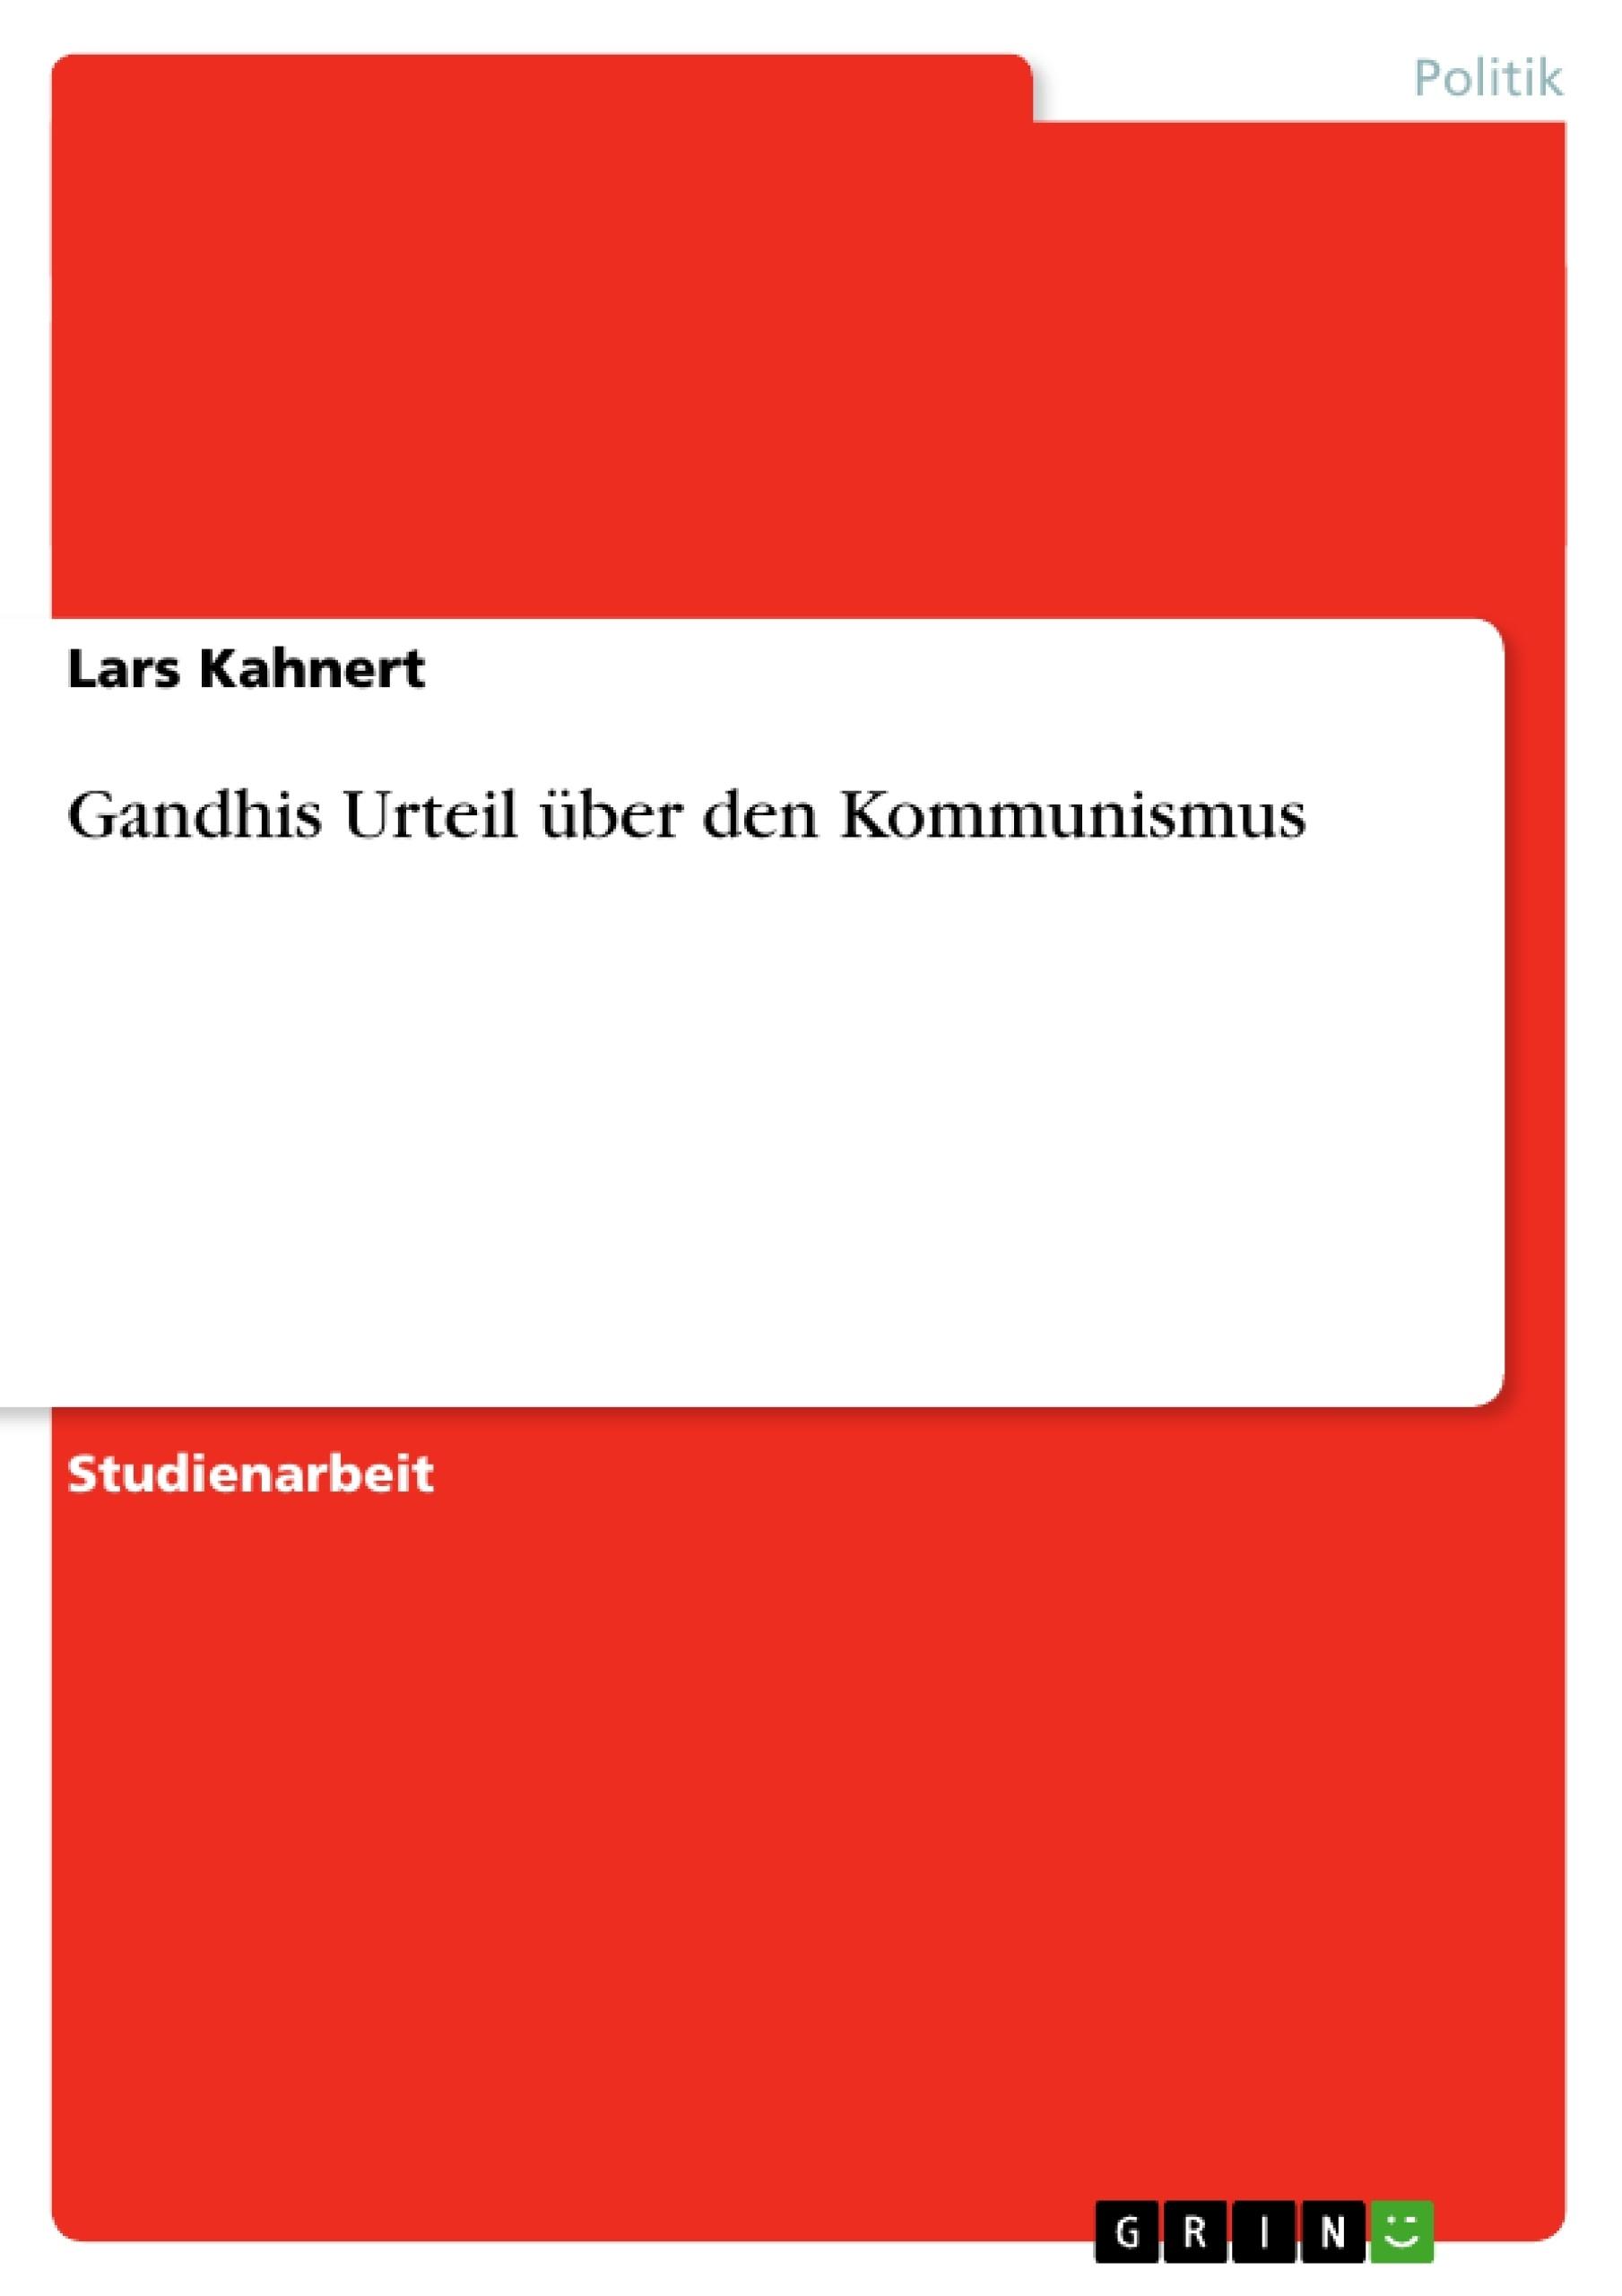 Titel: Gandhis Urteil über den Kommunismus